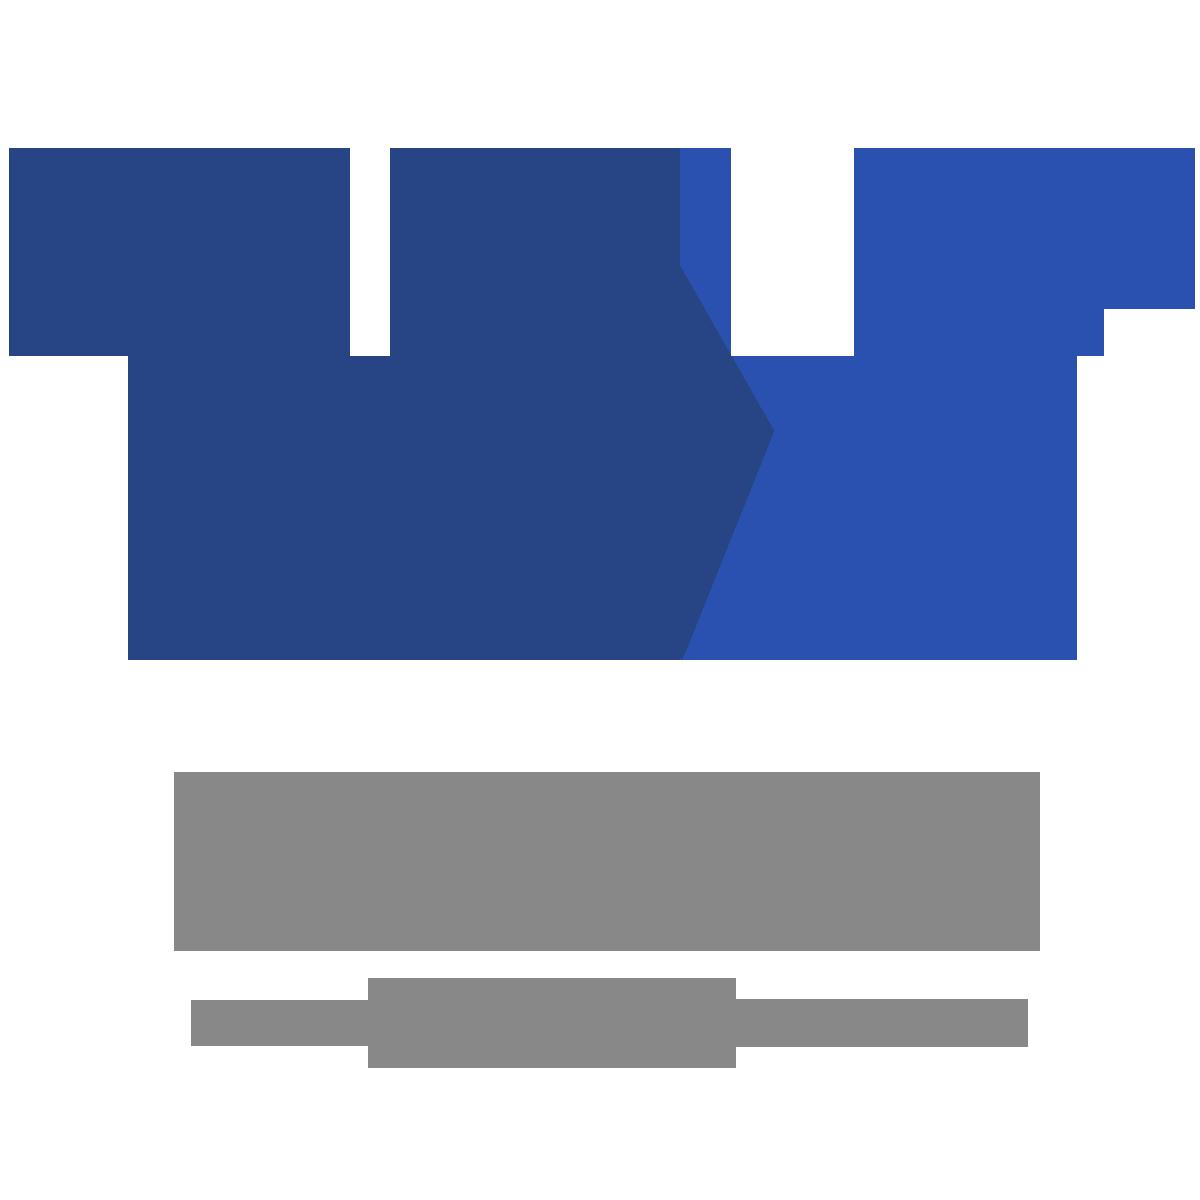 领域王国投资平台招商加盟